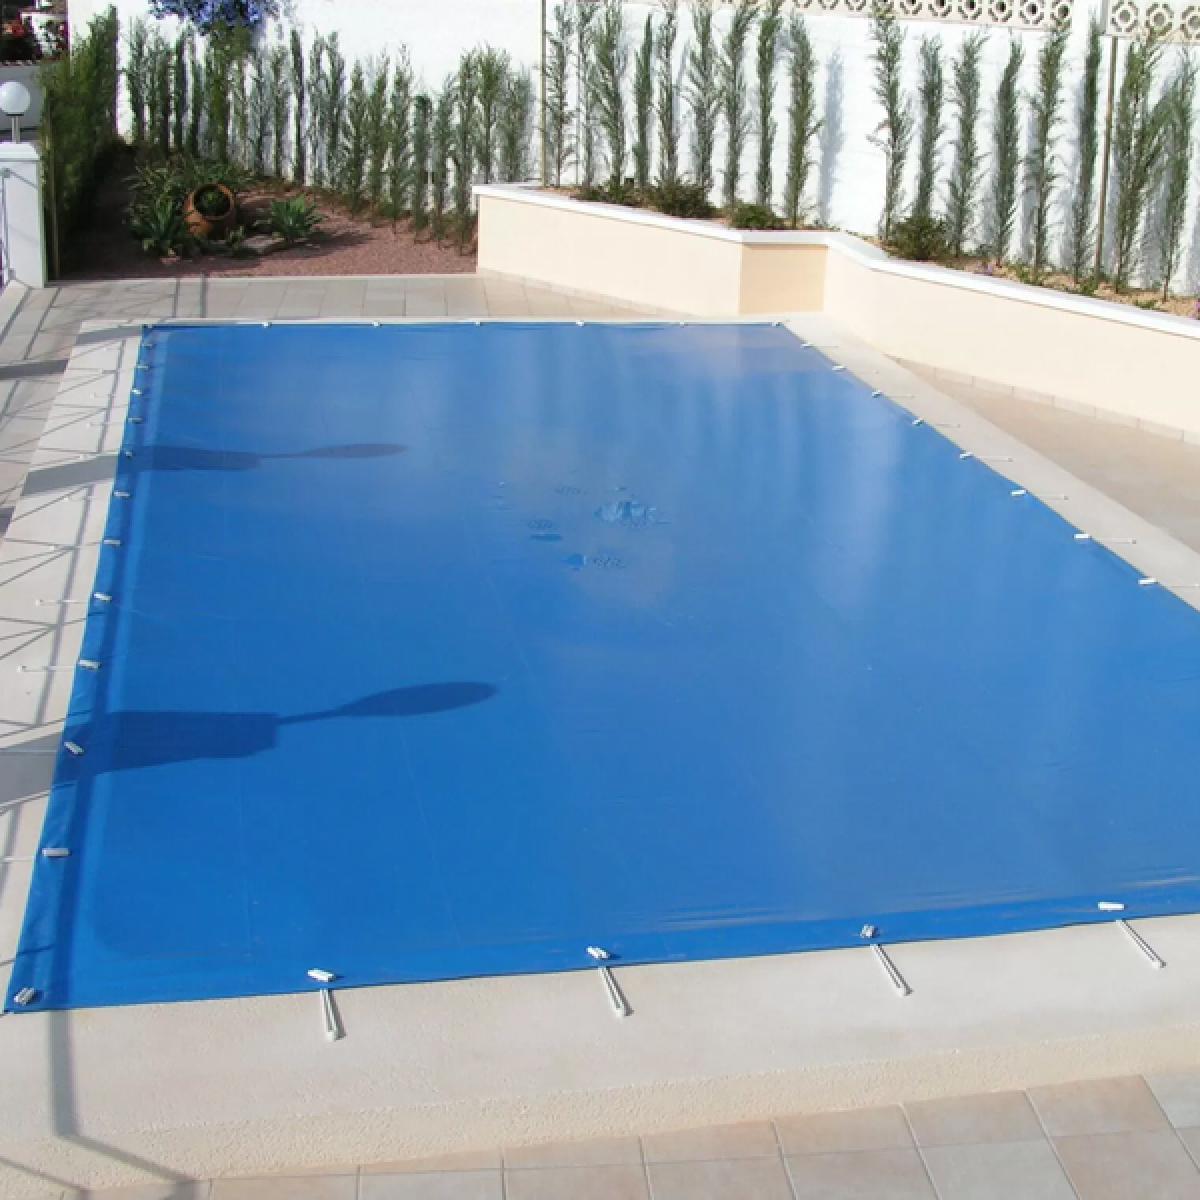 Imagens: 6 dicas de segurança na piscina para ter um verão tranquilo com as crianças